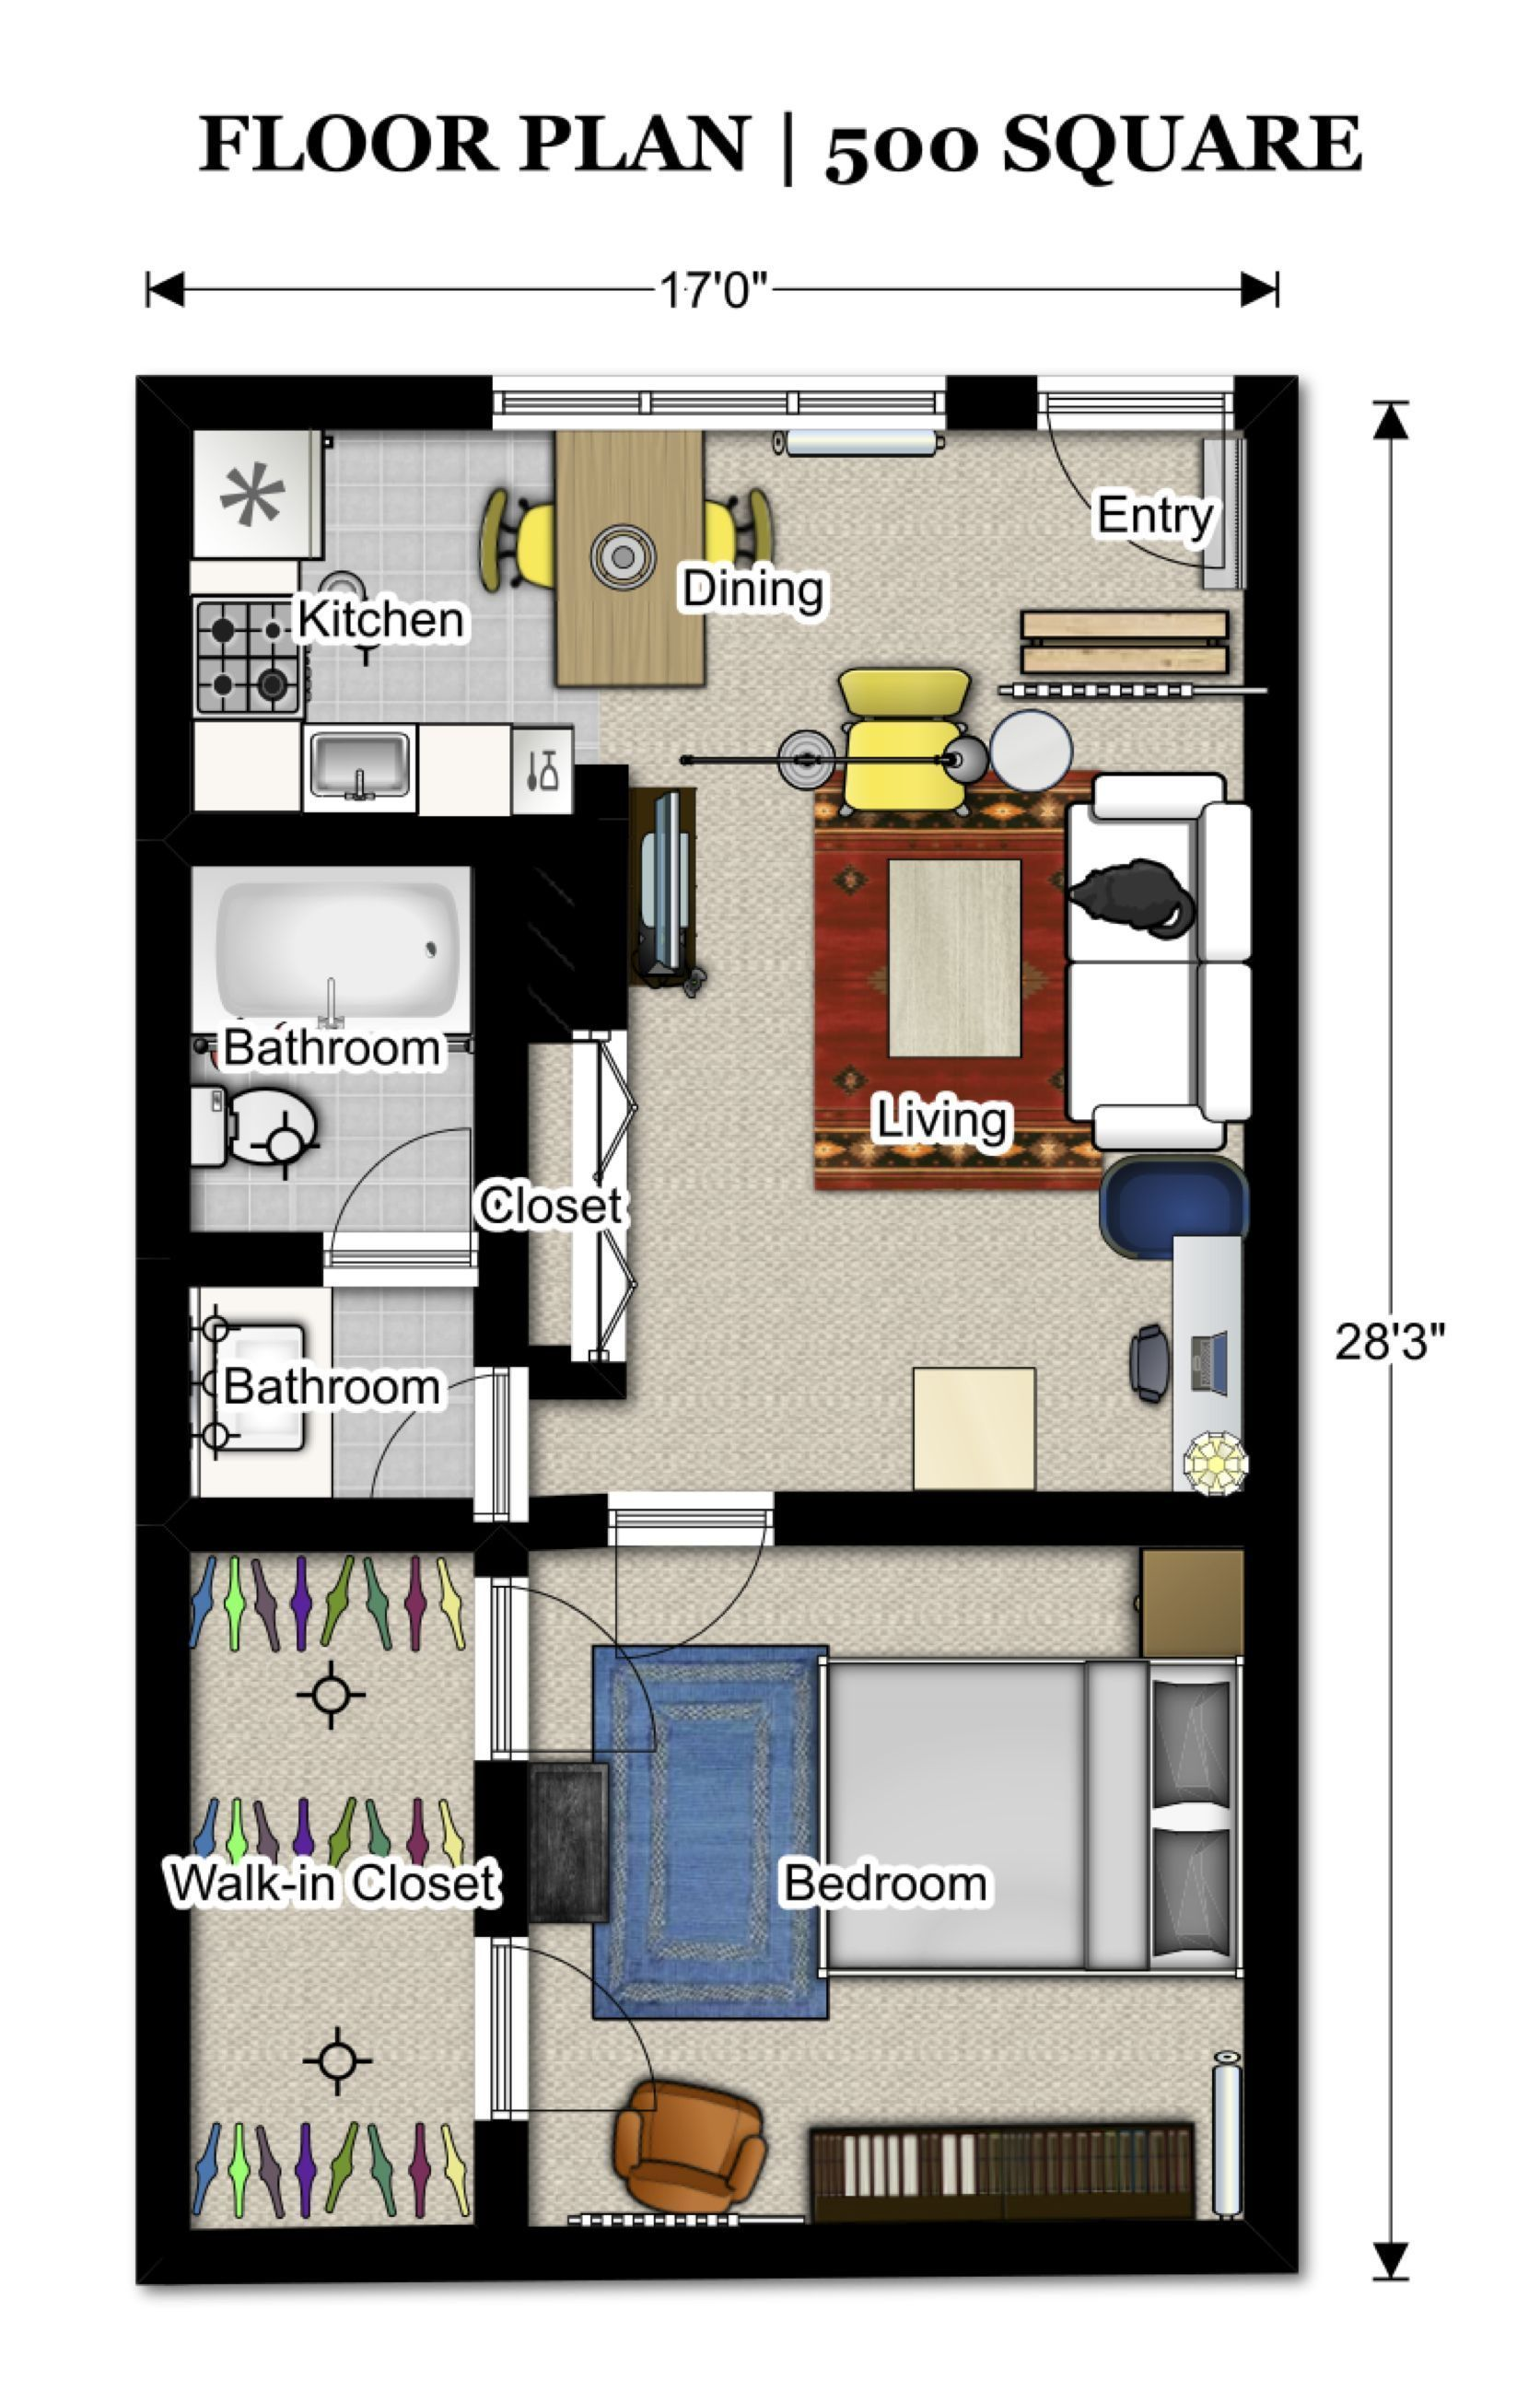 12 Ikea Badezimmerplaner Archives Badezimmer Ideen Wohnungsgrundrisse Grundrisse Kleiner Hauser Haus Bodenbelag